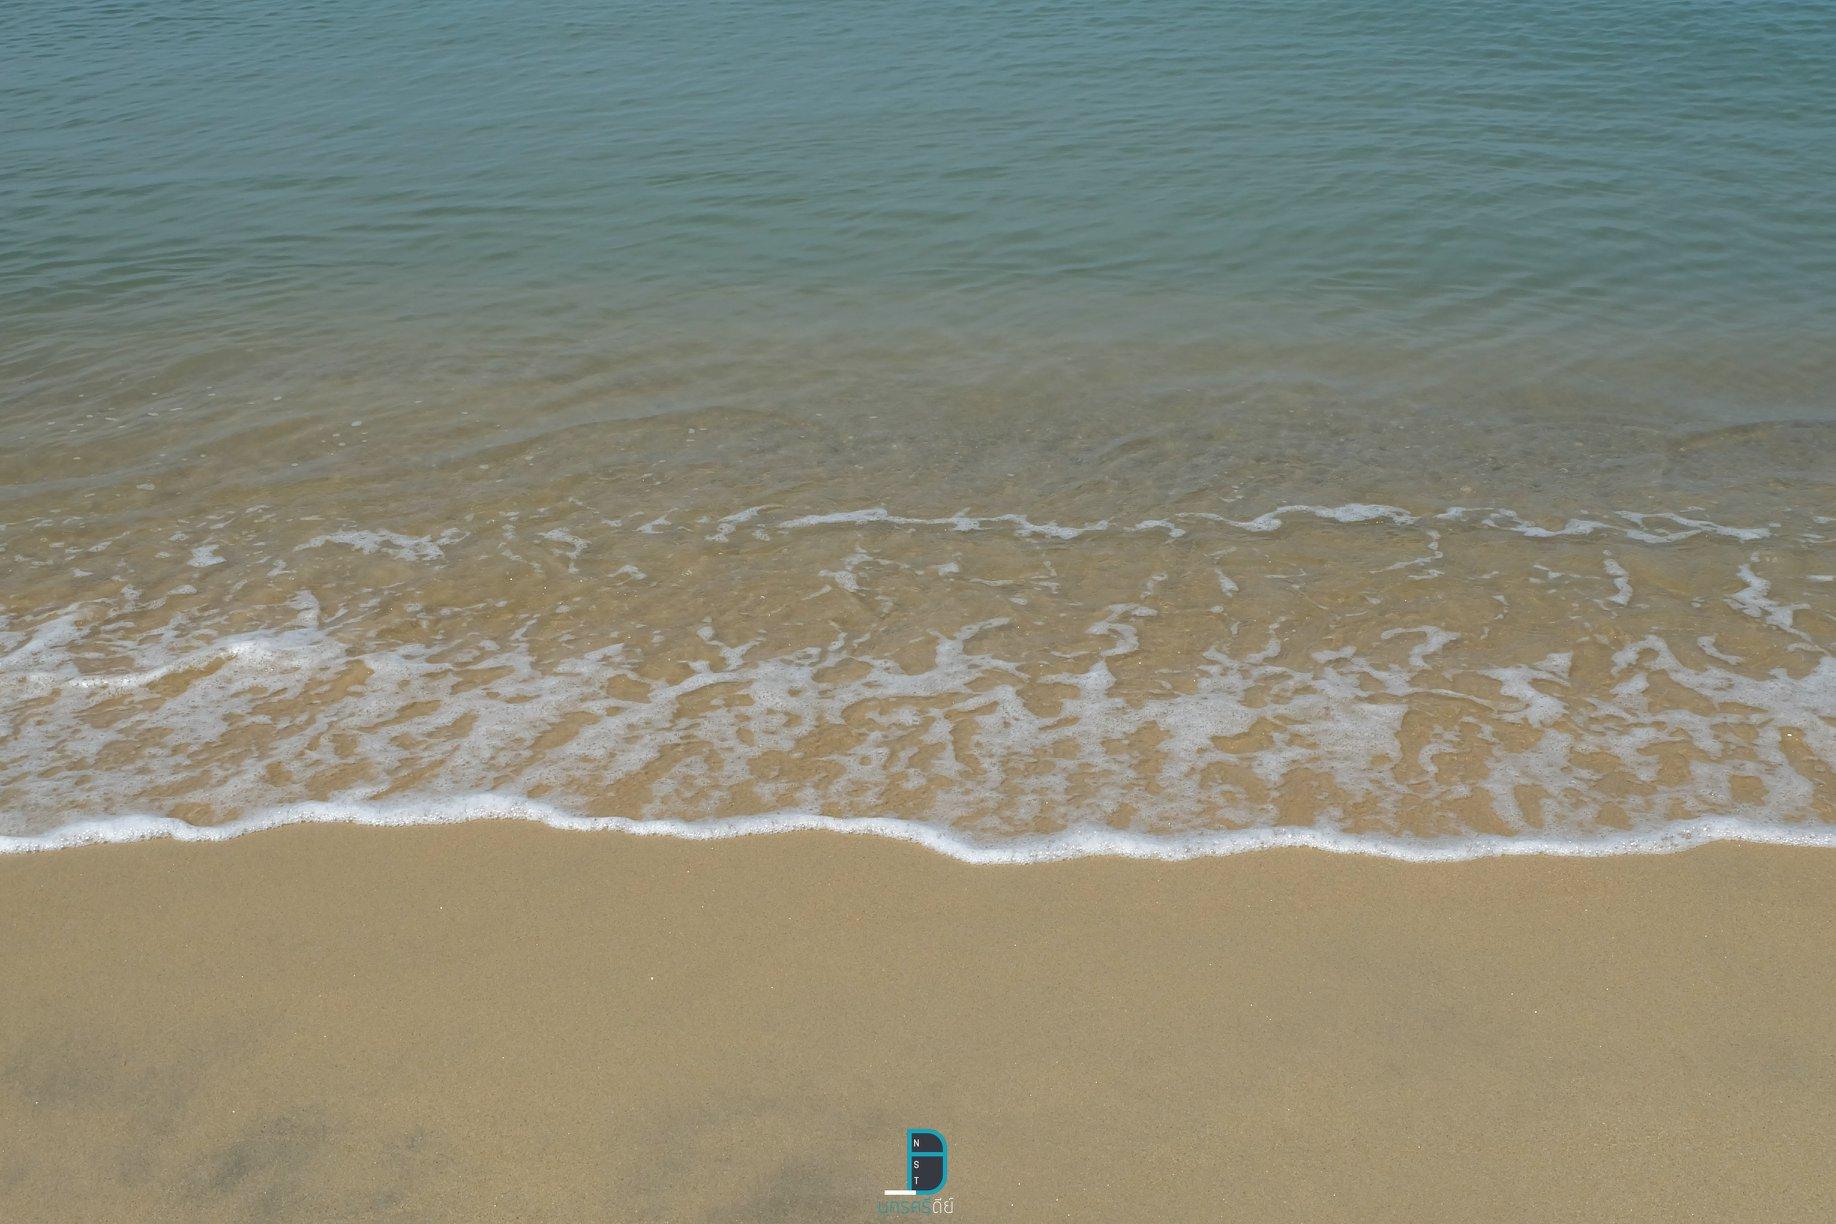 หาดลับสุดสวย ณ ท่าศาลา Beach Walk Homestay  ทะเลน้ำใสสวยงาม นครศรีดีย์